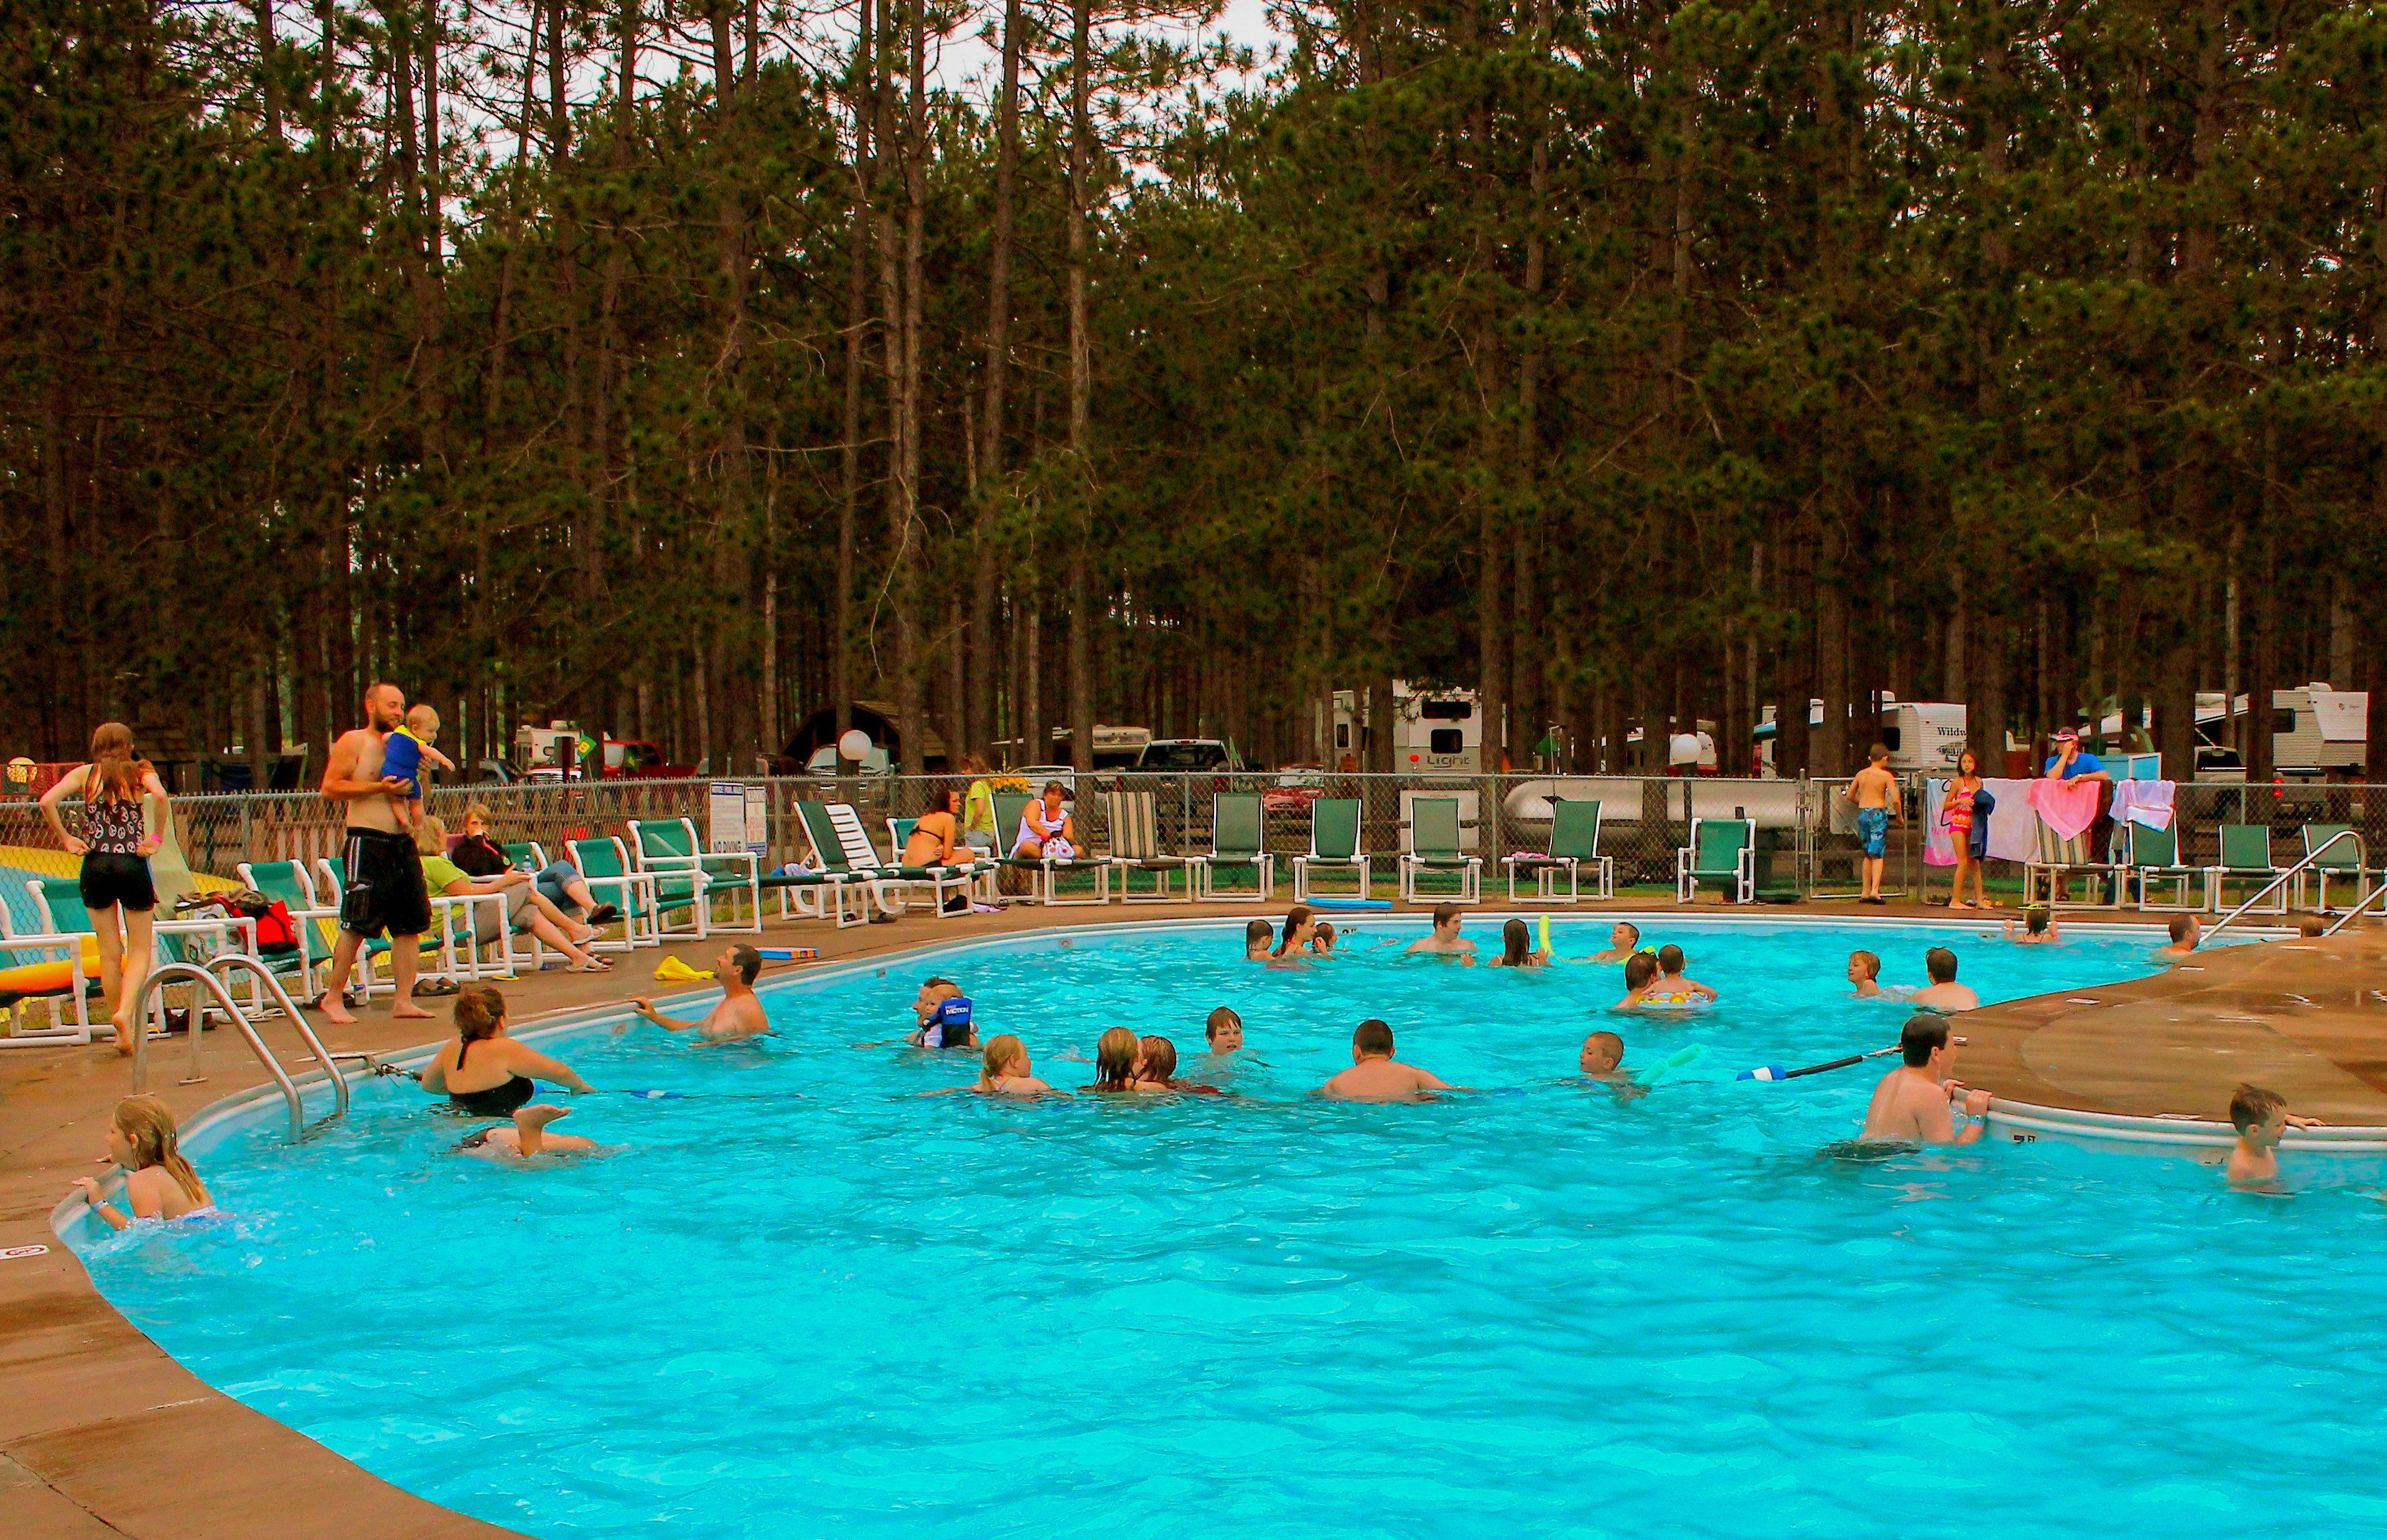 Hayward KOA Holiday image 20